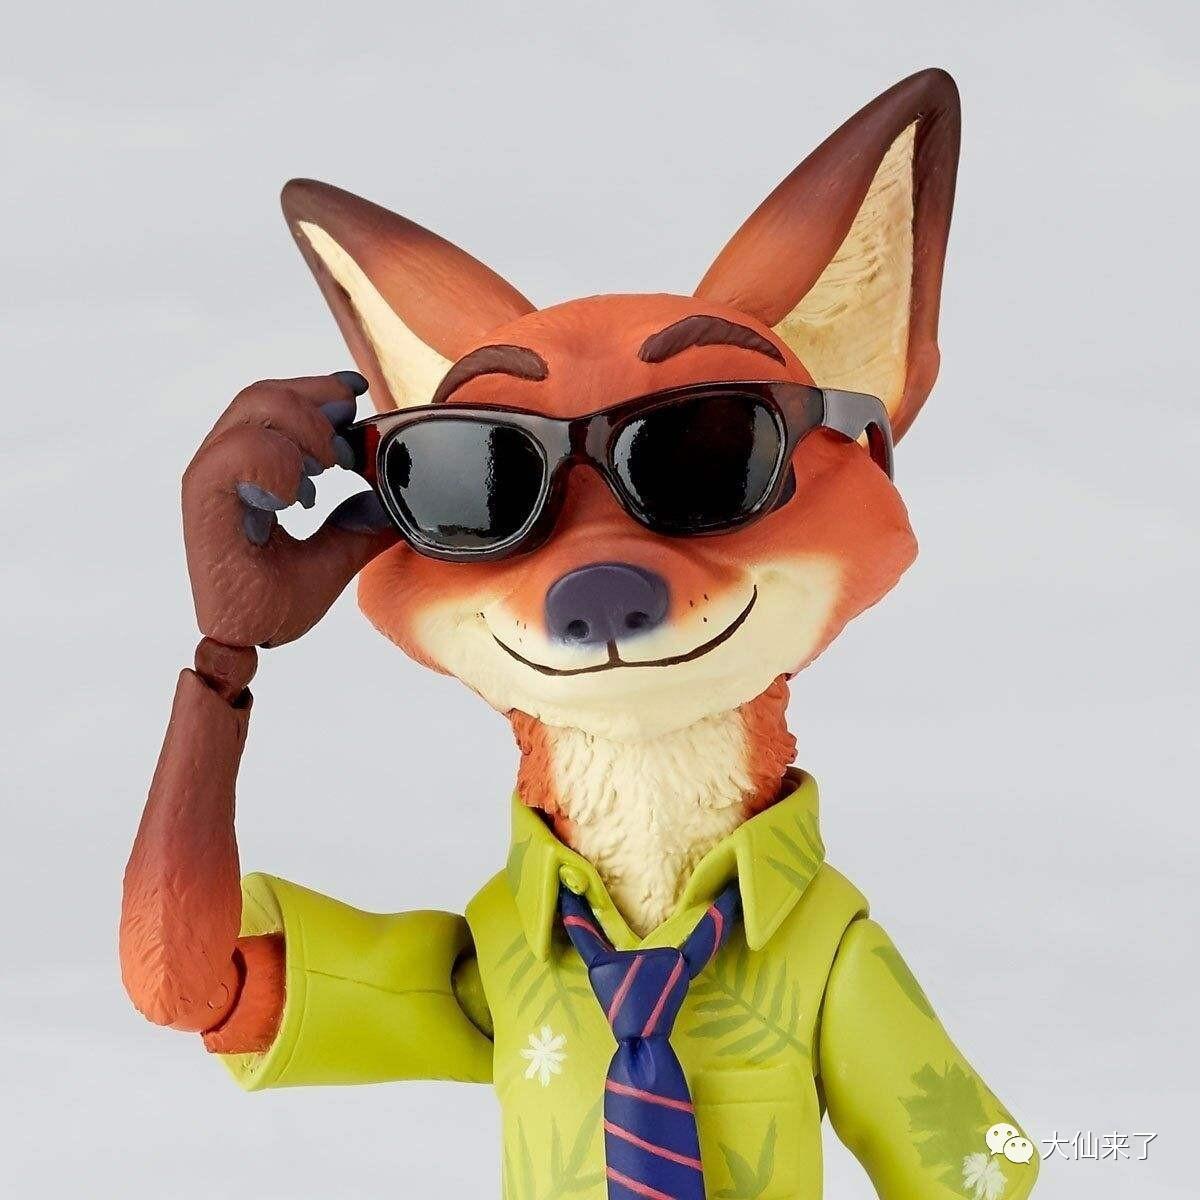 《疯狂动物城》兔朱迪的黄金搭档——狐尼克来啦!图片